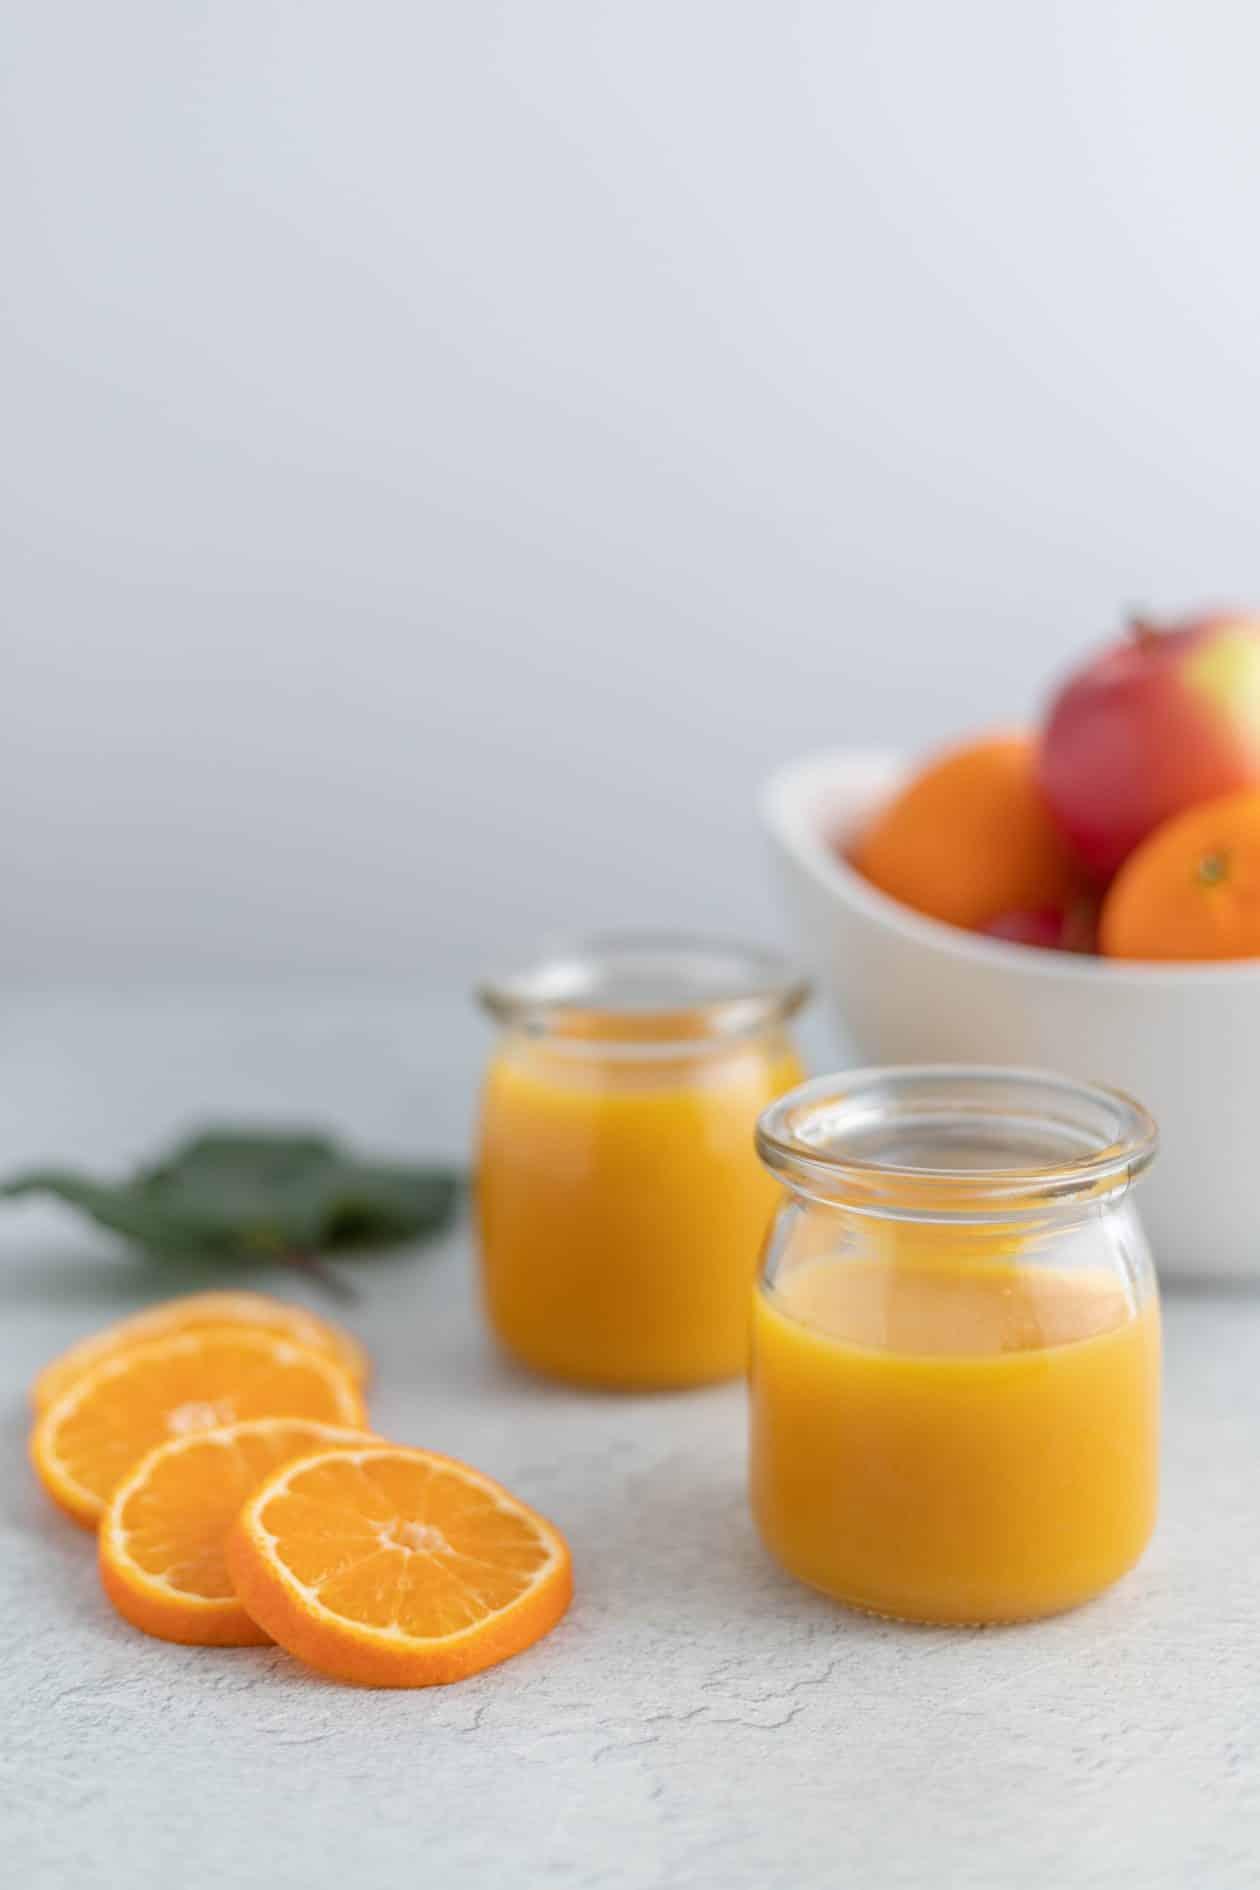 suco de laranja faz bem para a saude